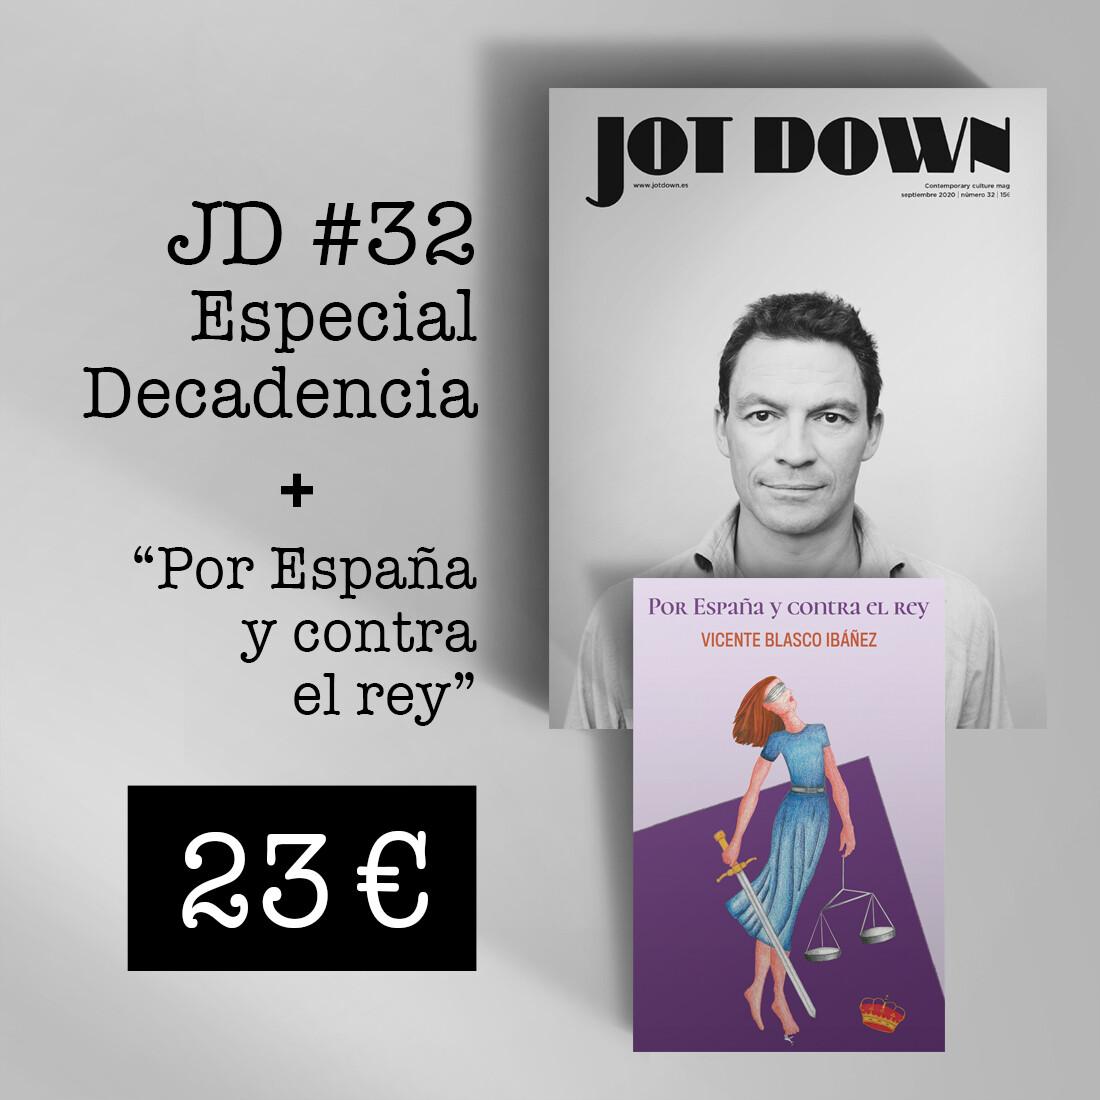 Jot Down nº 32 «Decadencia» + Por España y contra el rey